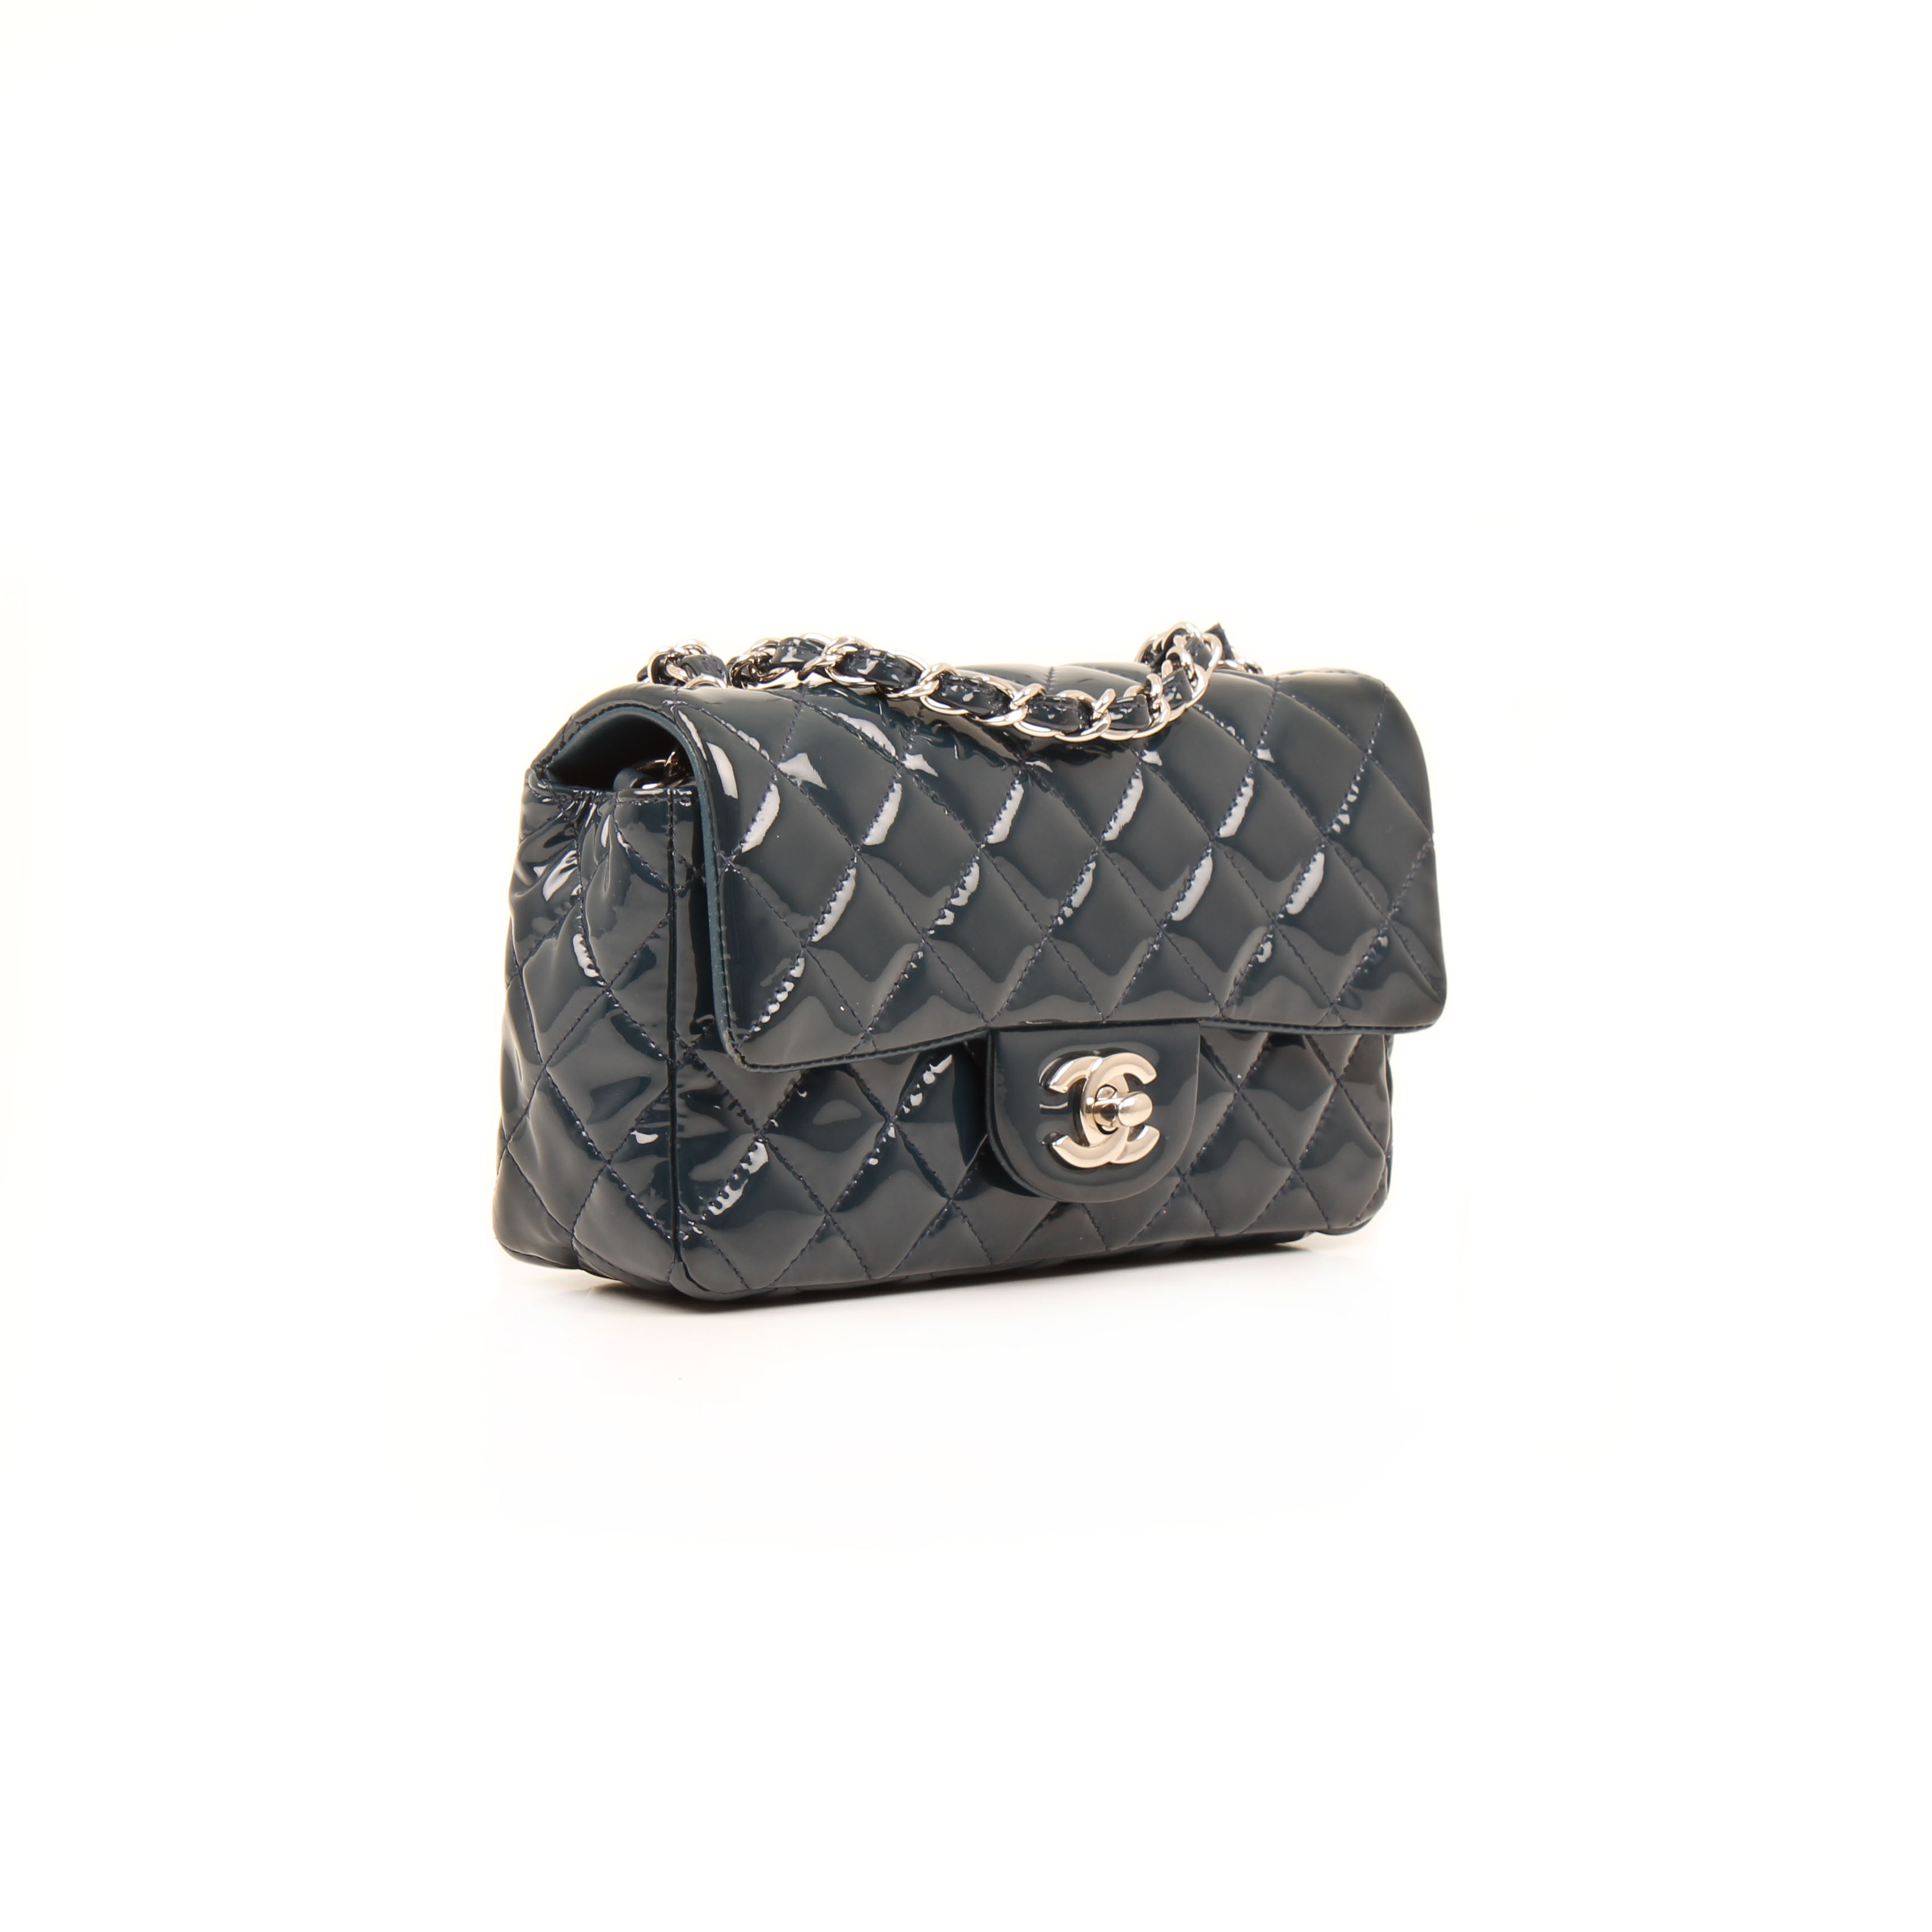 776e83e0c2d2 Chanel Classic Flap Bag Mini Rectangular Patent Navy I CBL Bags